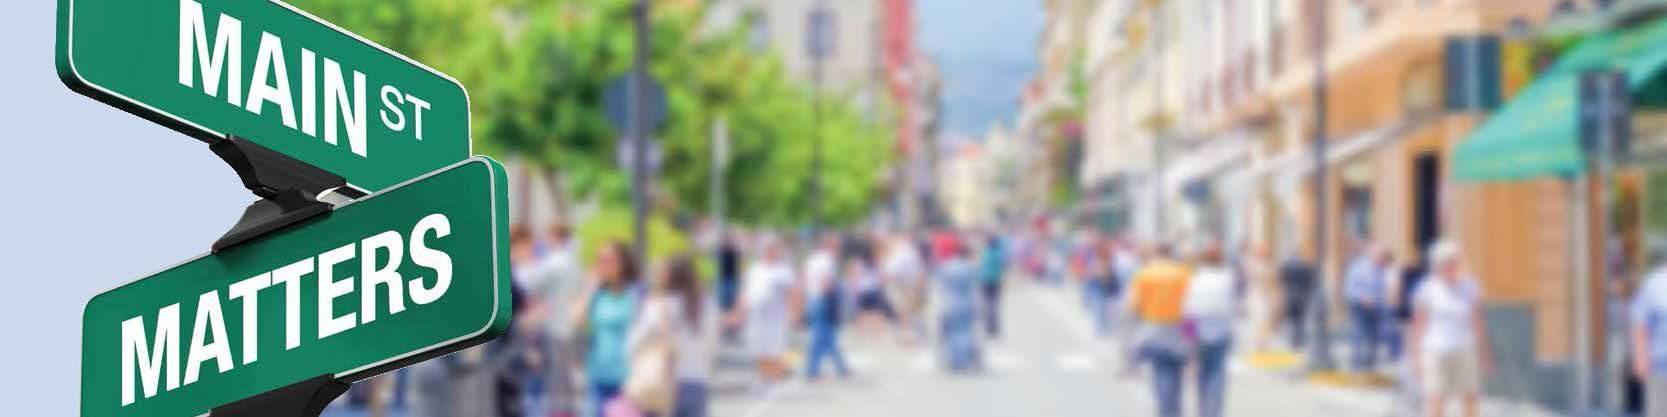 Main Street Matters Blog Banner